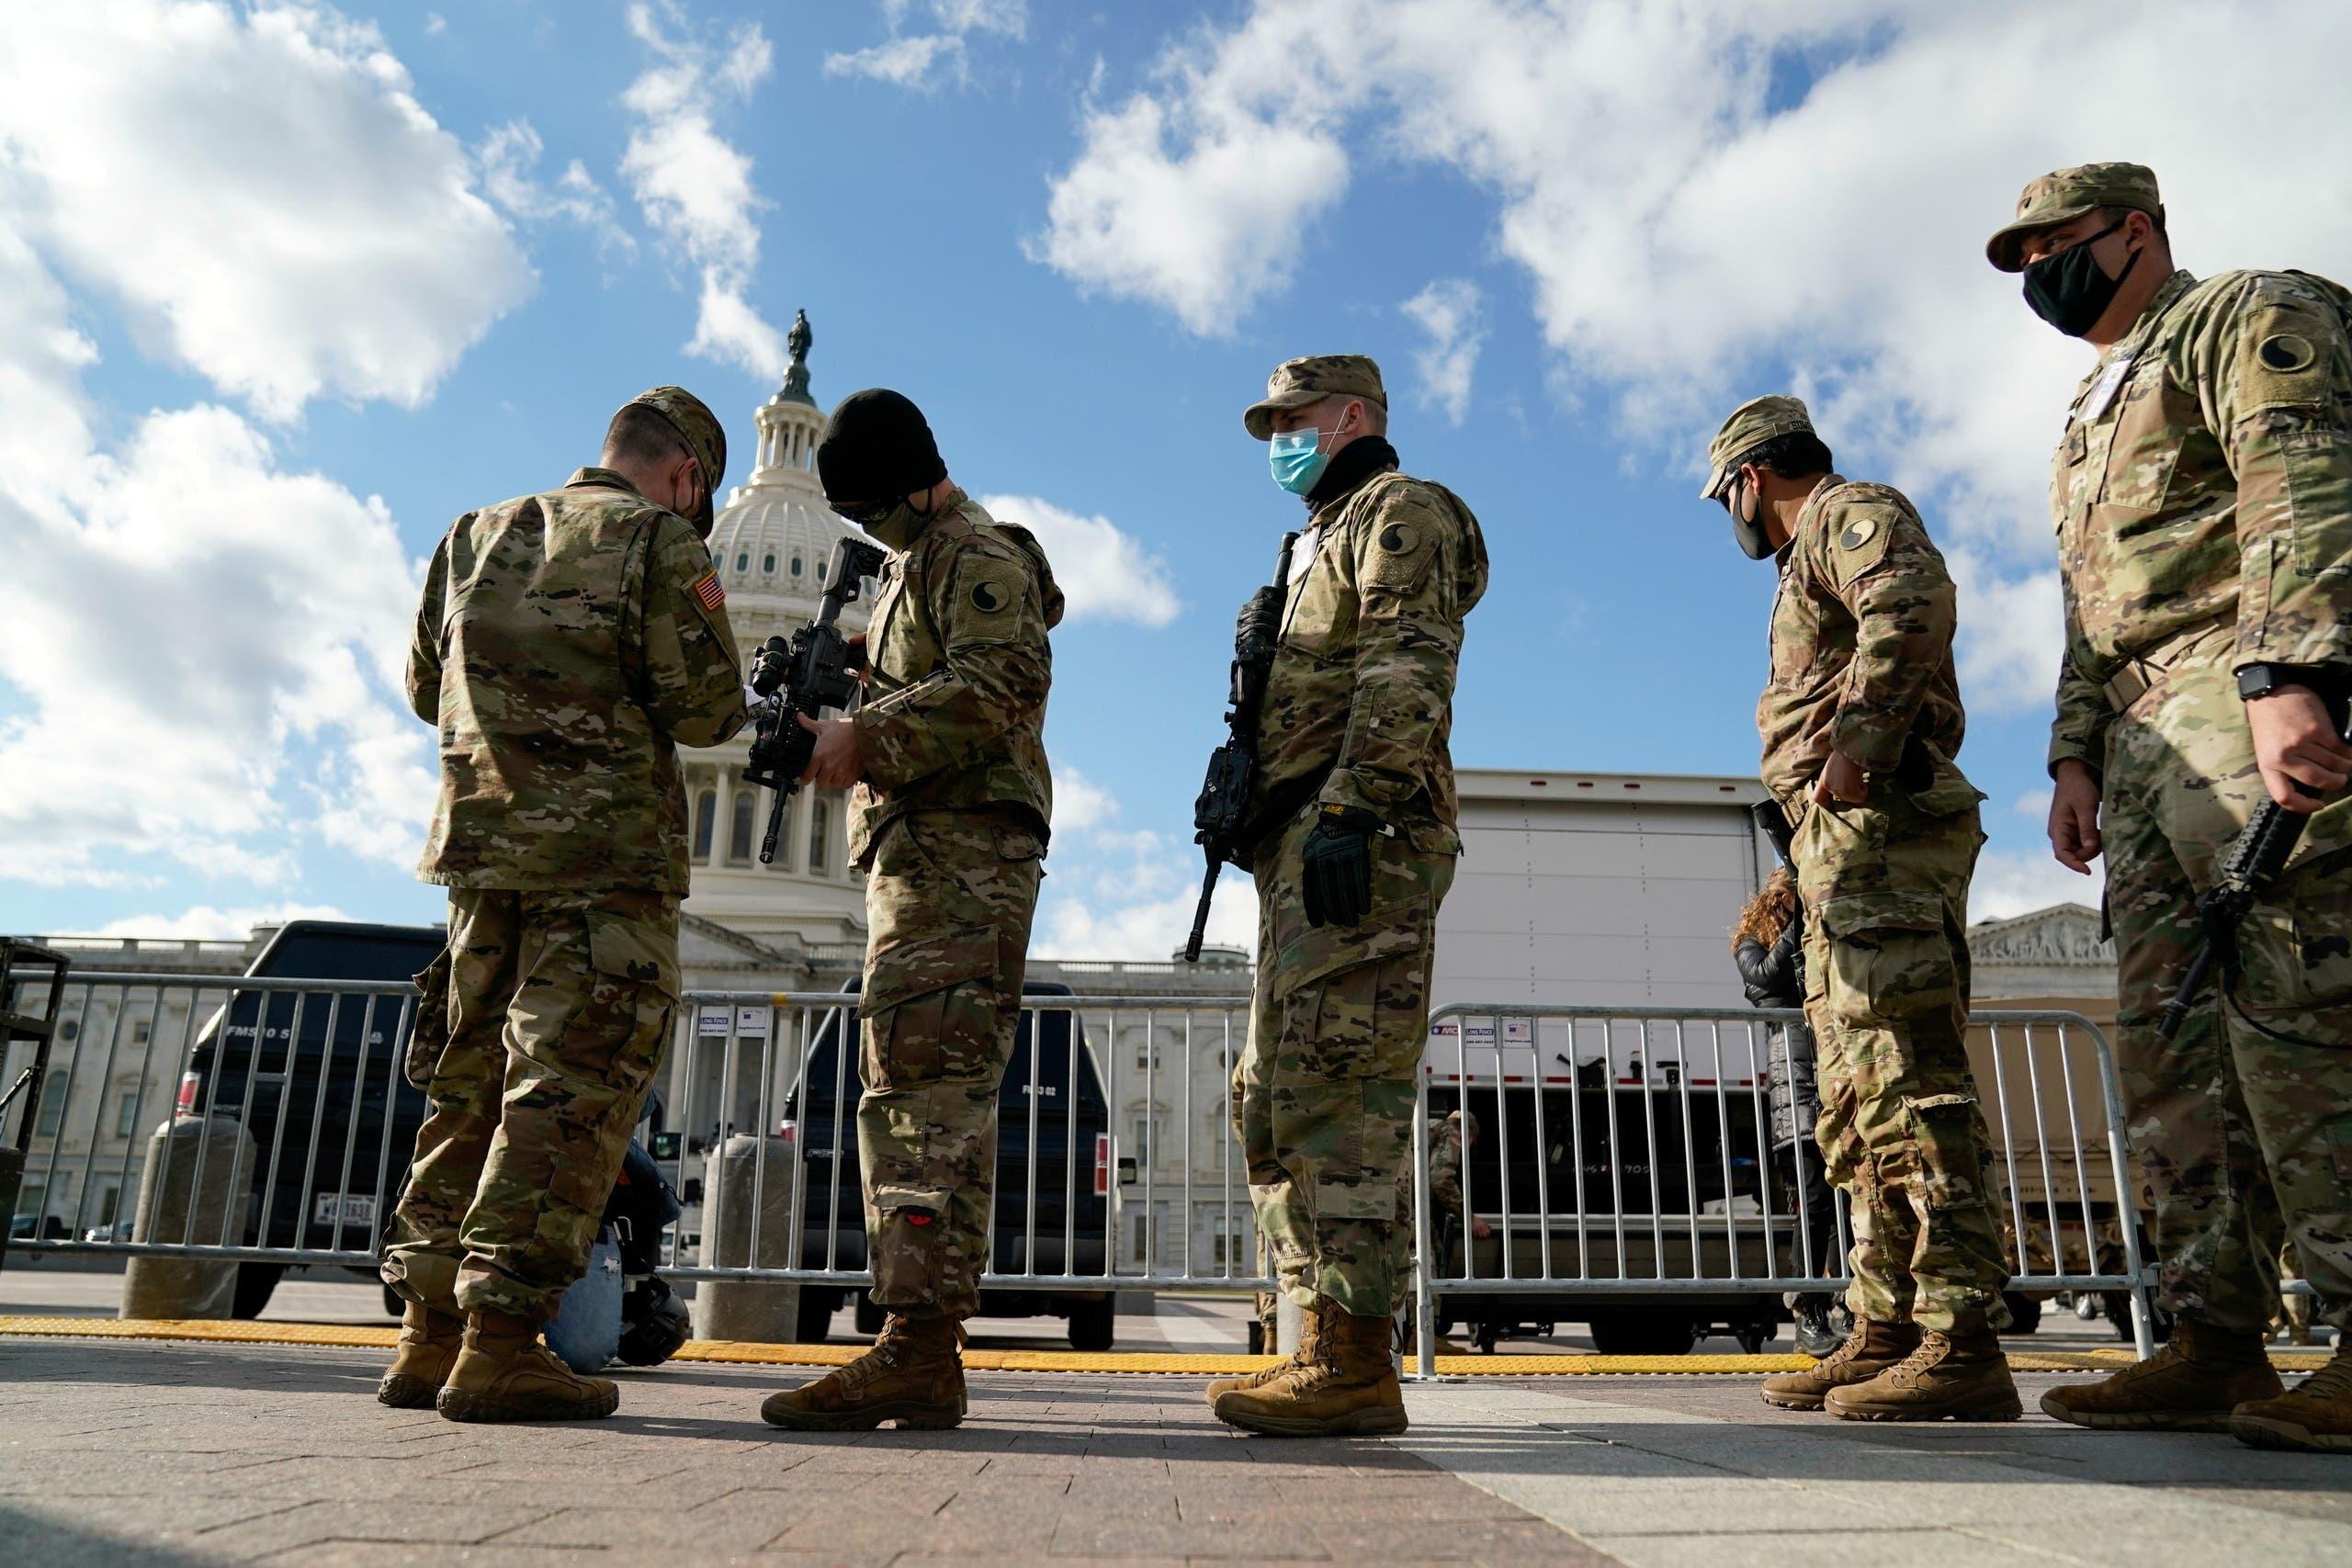 قوات الحرس الوطني أمام مبنى الكابيتول يوم 17 يناير